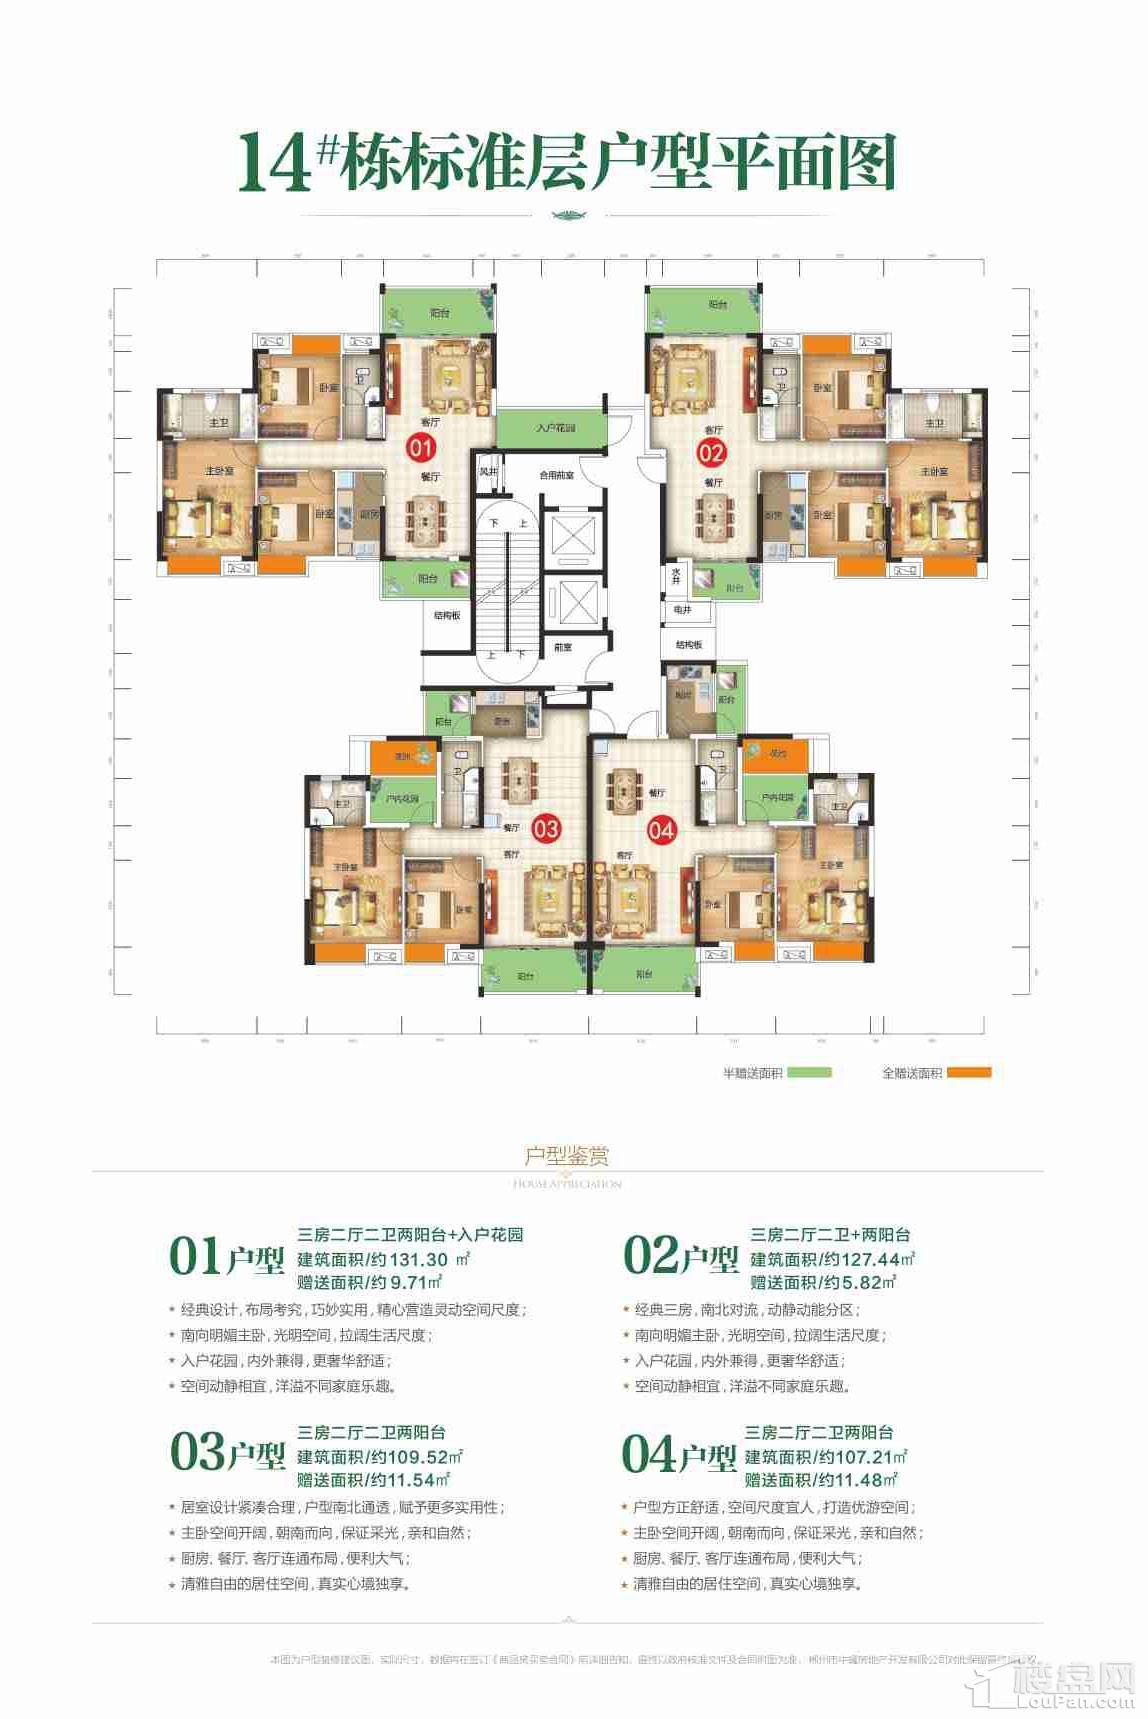 福泽山庄14栋户型图